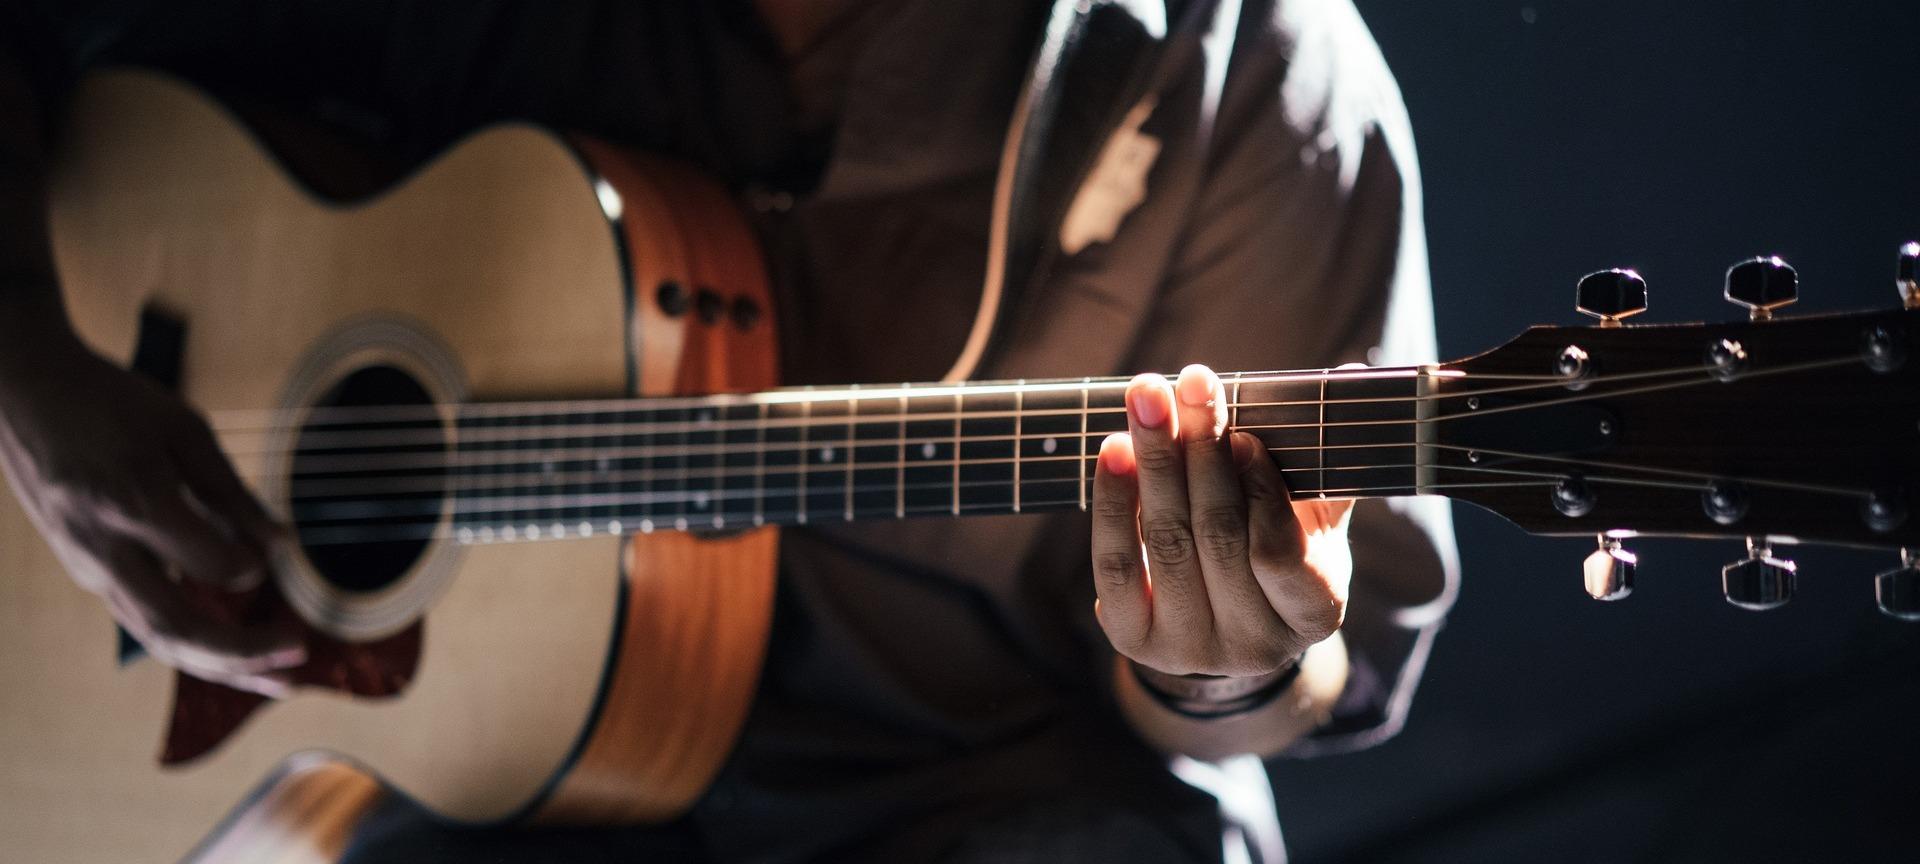 Wandergitarre & Konzertgitarre - was ist der Unterschied